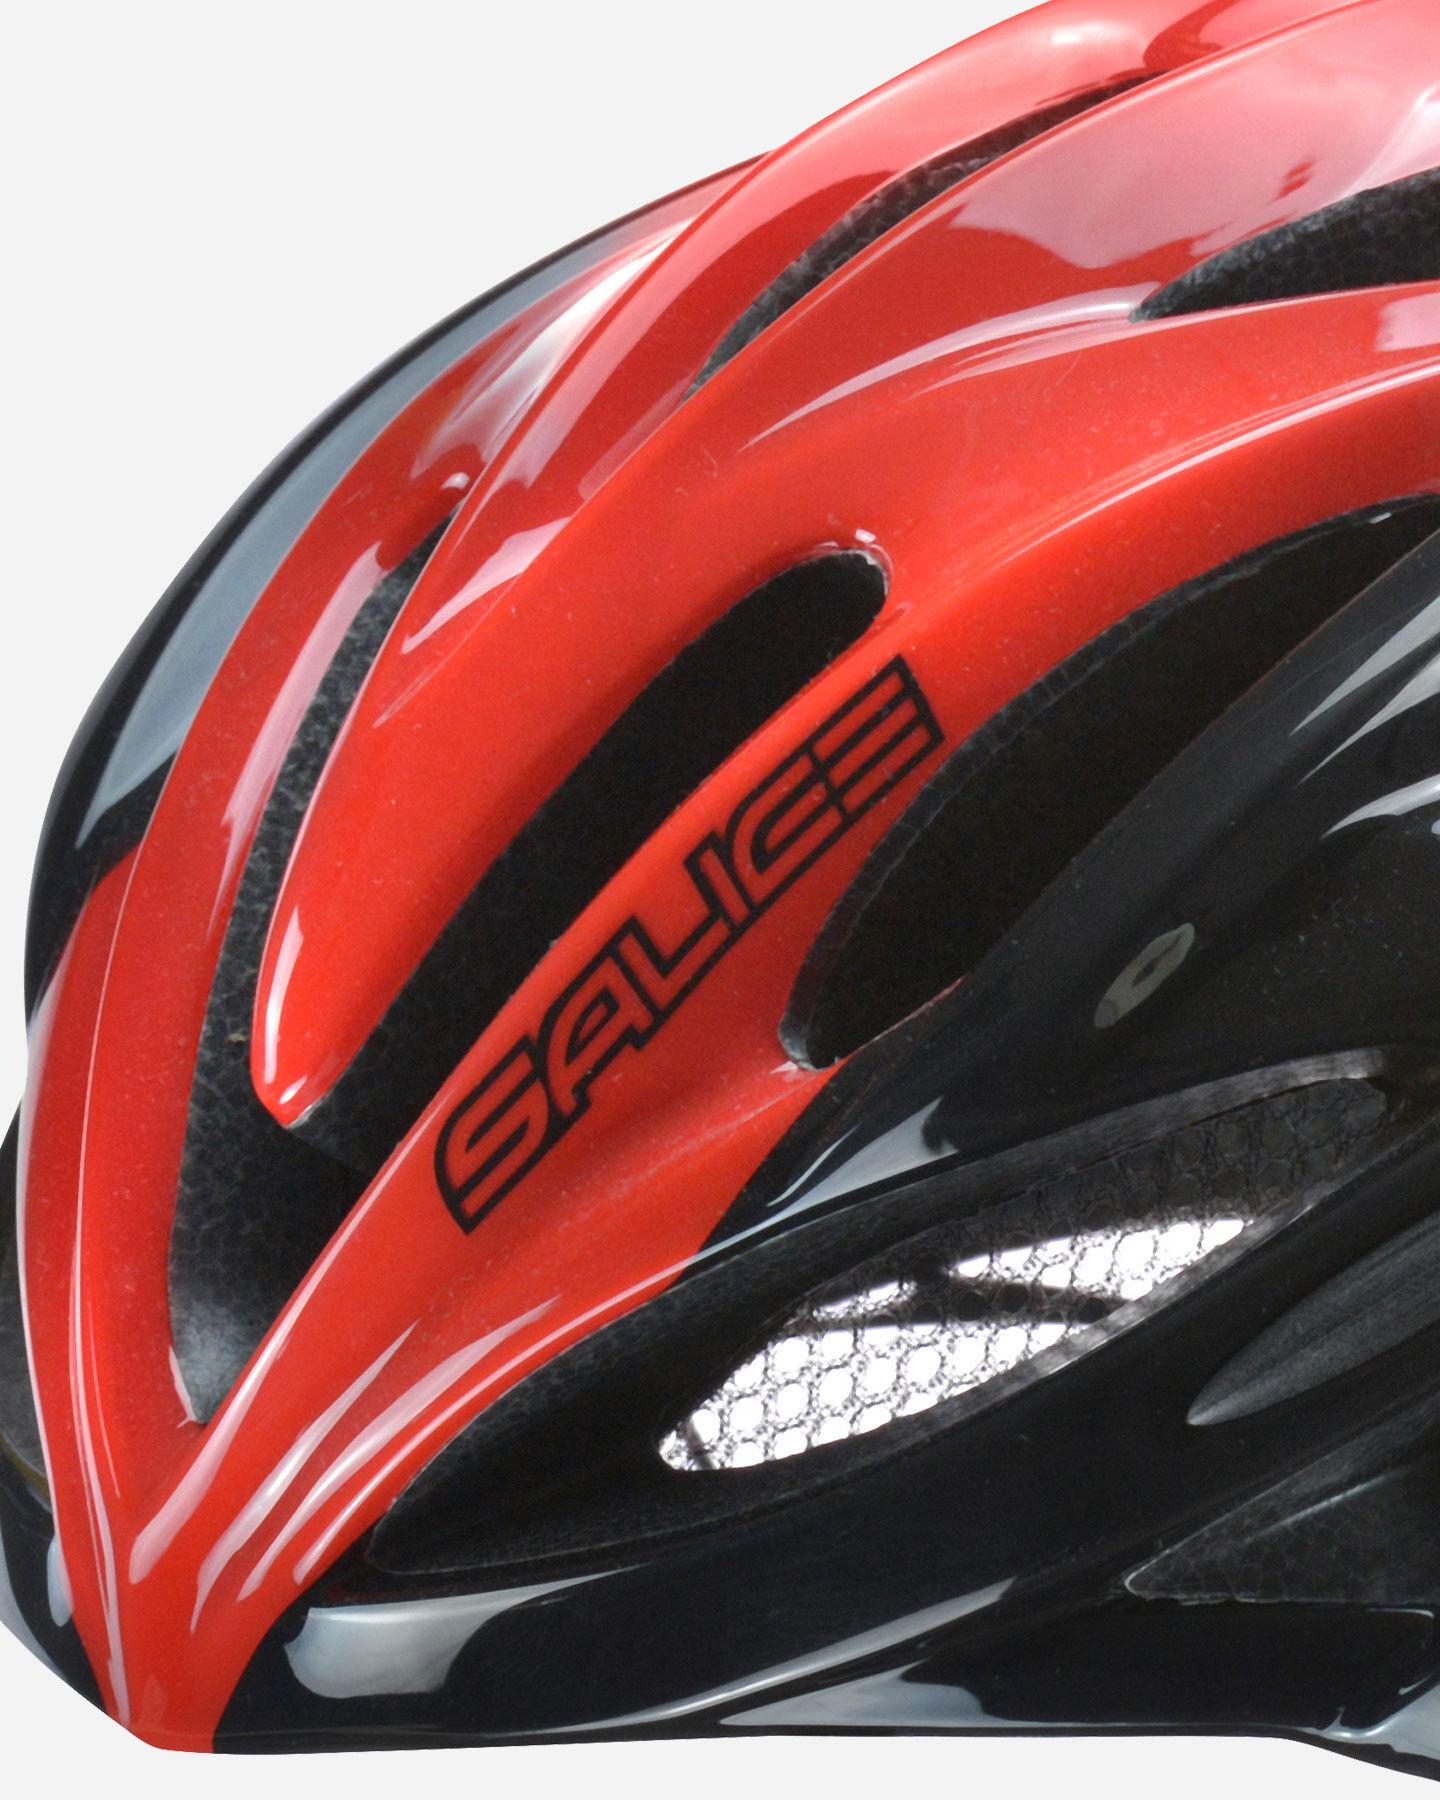 Casco bici SALICE GHIBLI S4068730 scatto 1